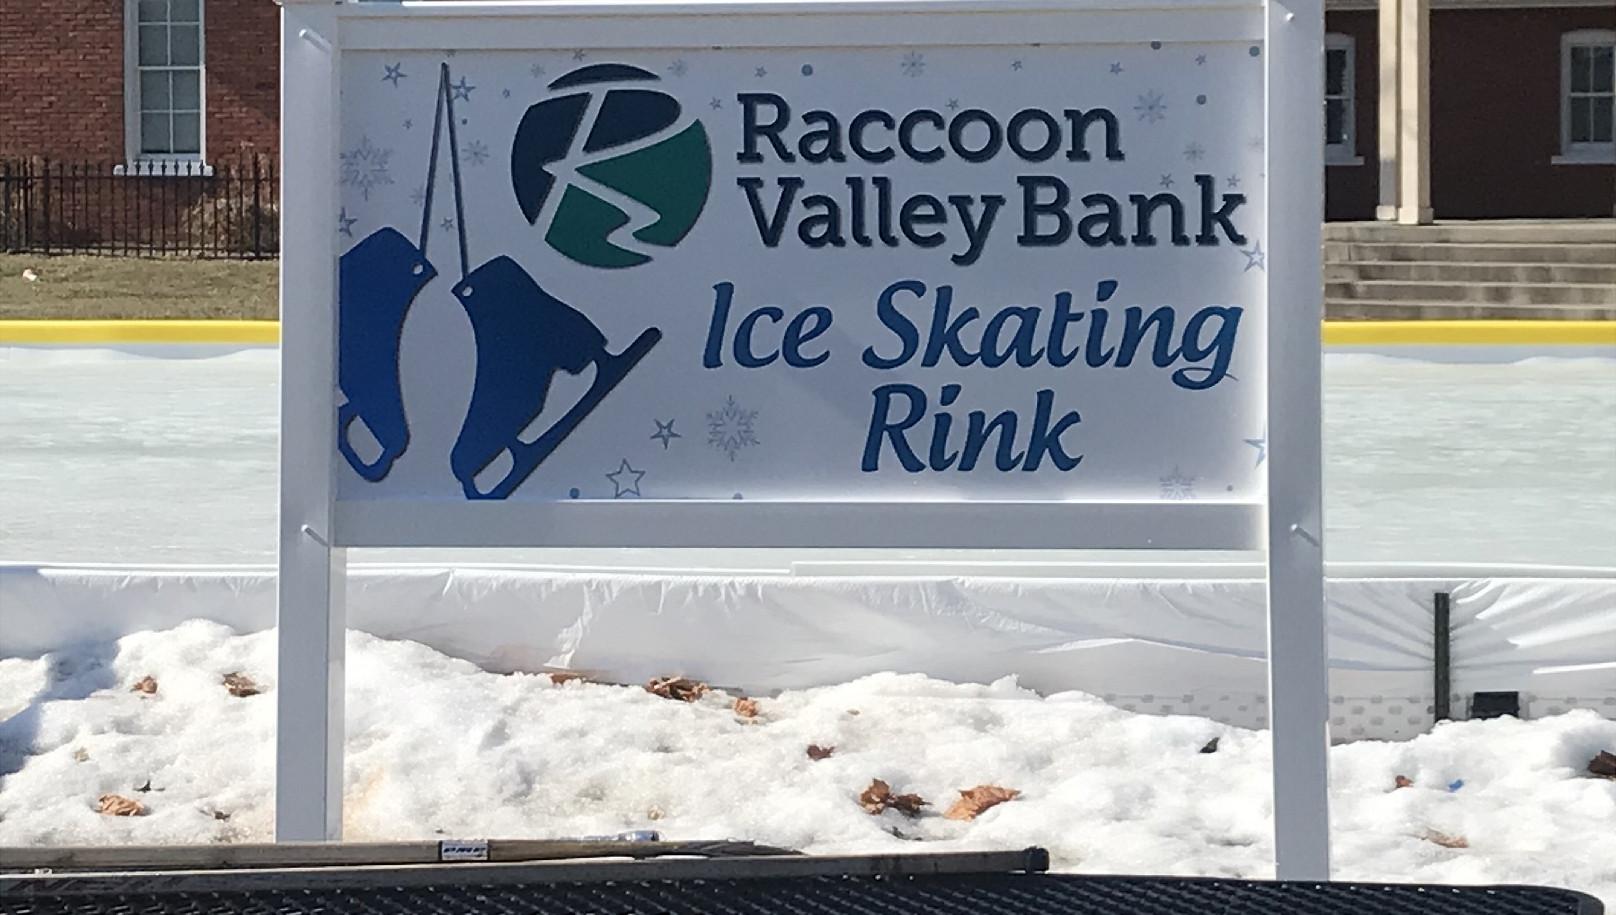 RVB Ice Skating Rink Framed Exterior Sig